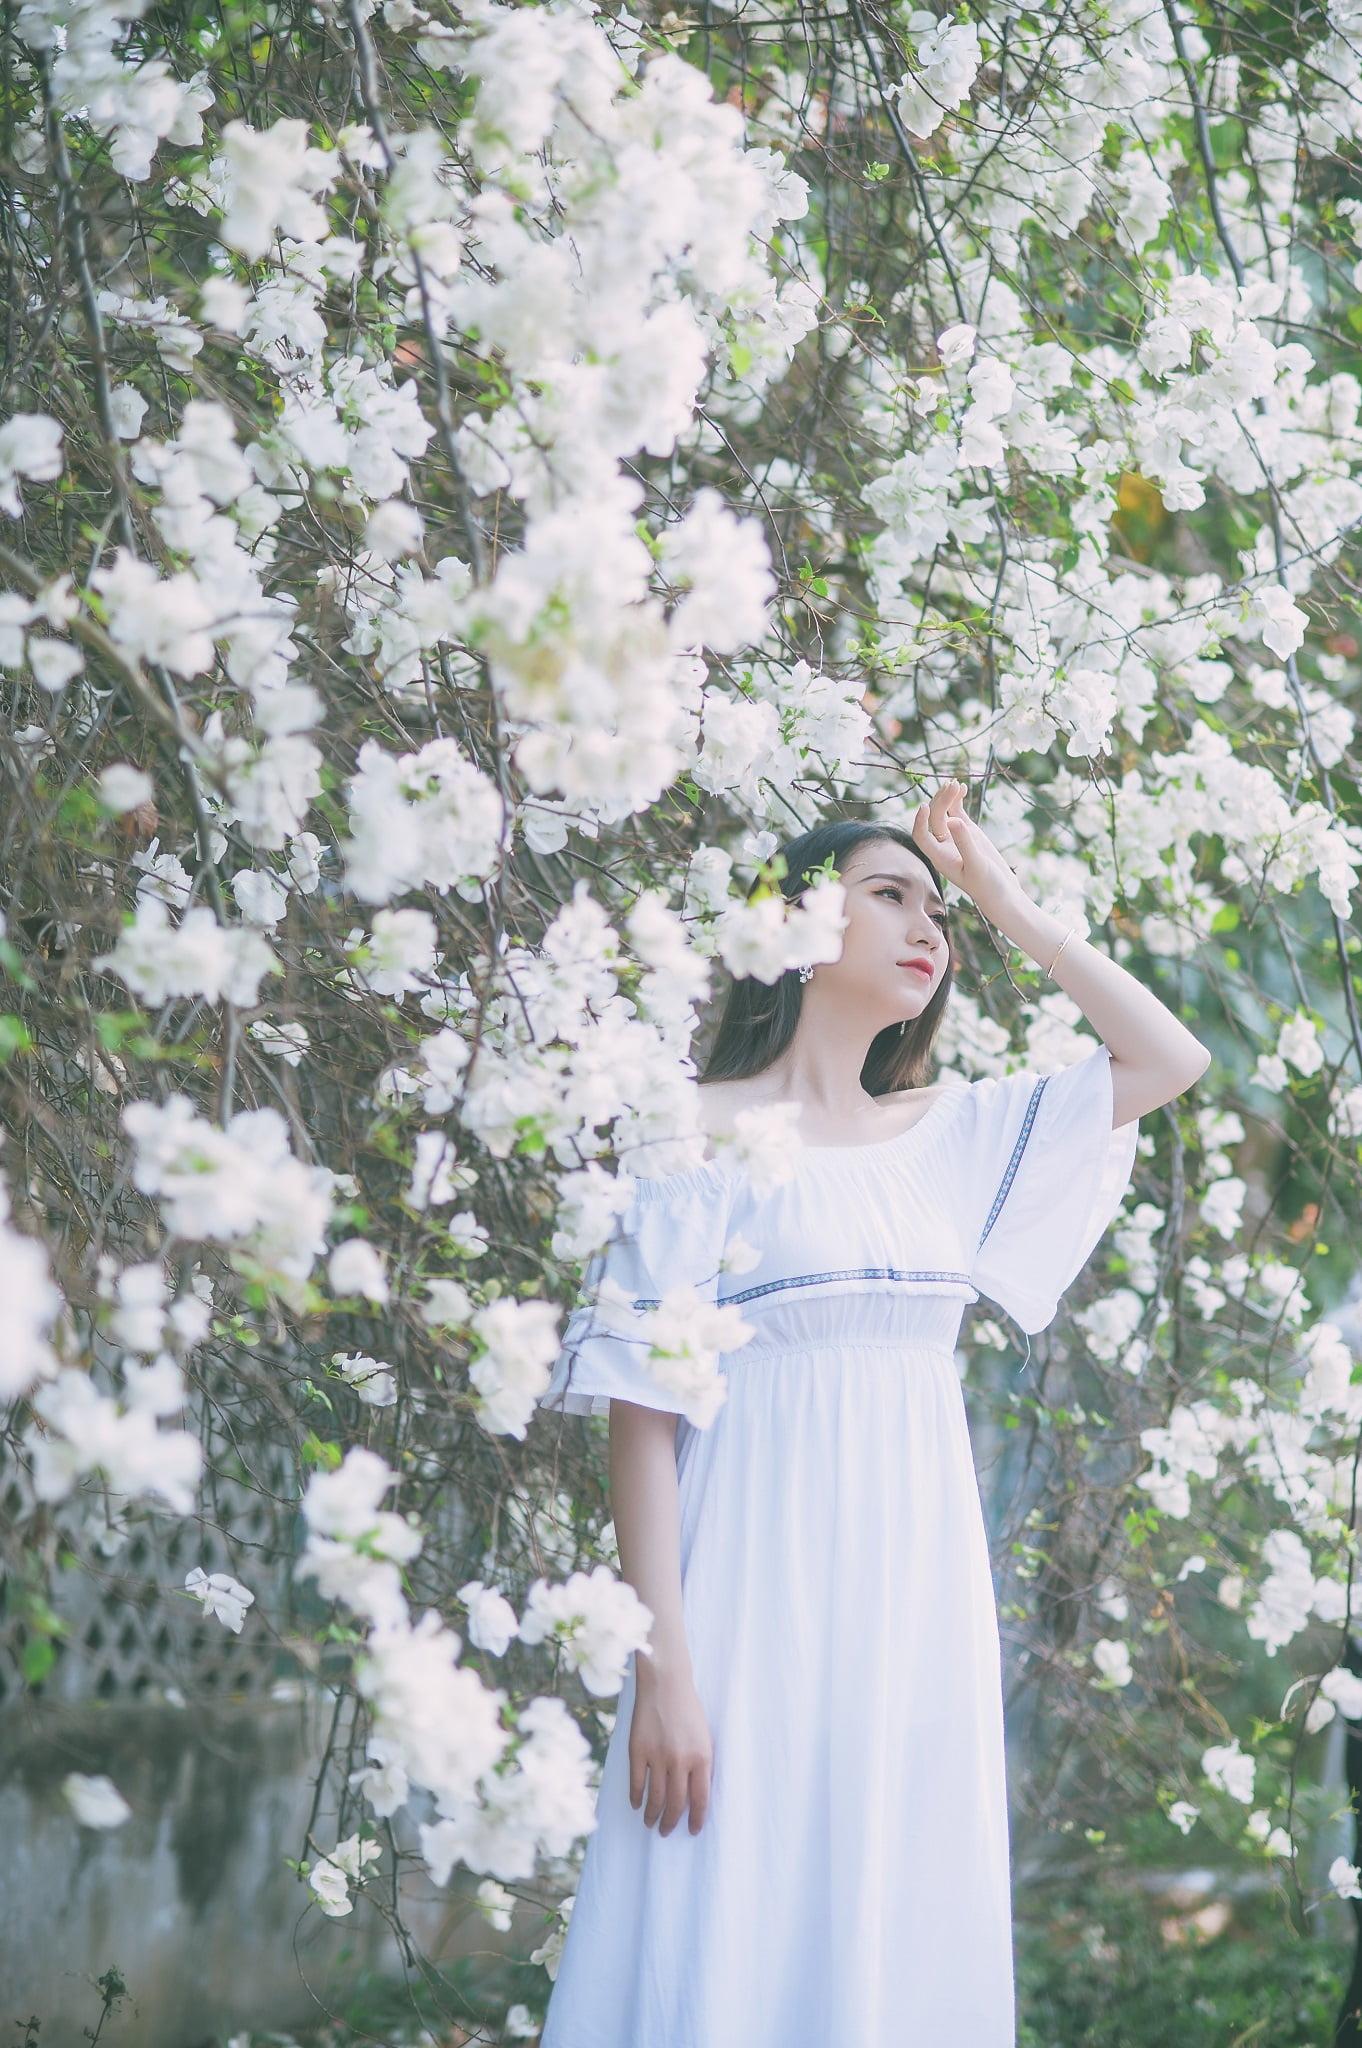 anh chup hoa giay 4 - Ảnh chụp với hoa giấy quận 2 - Huỳnh Như